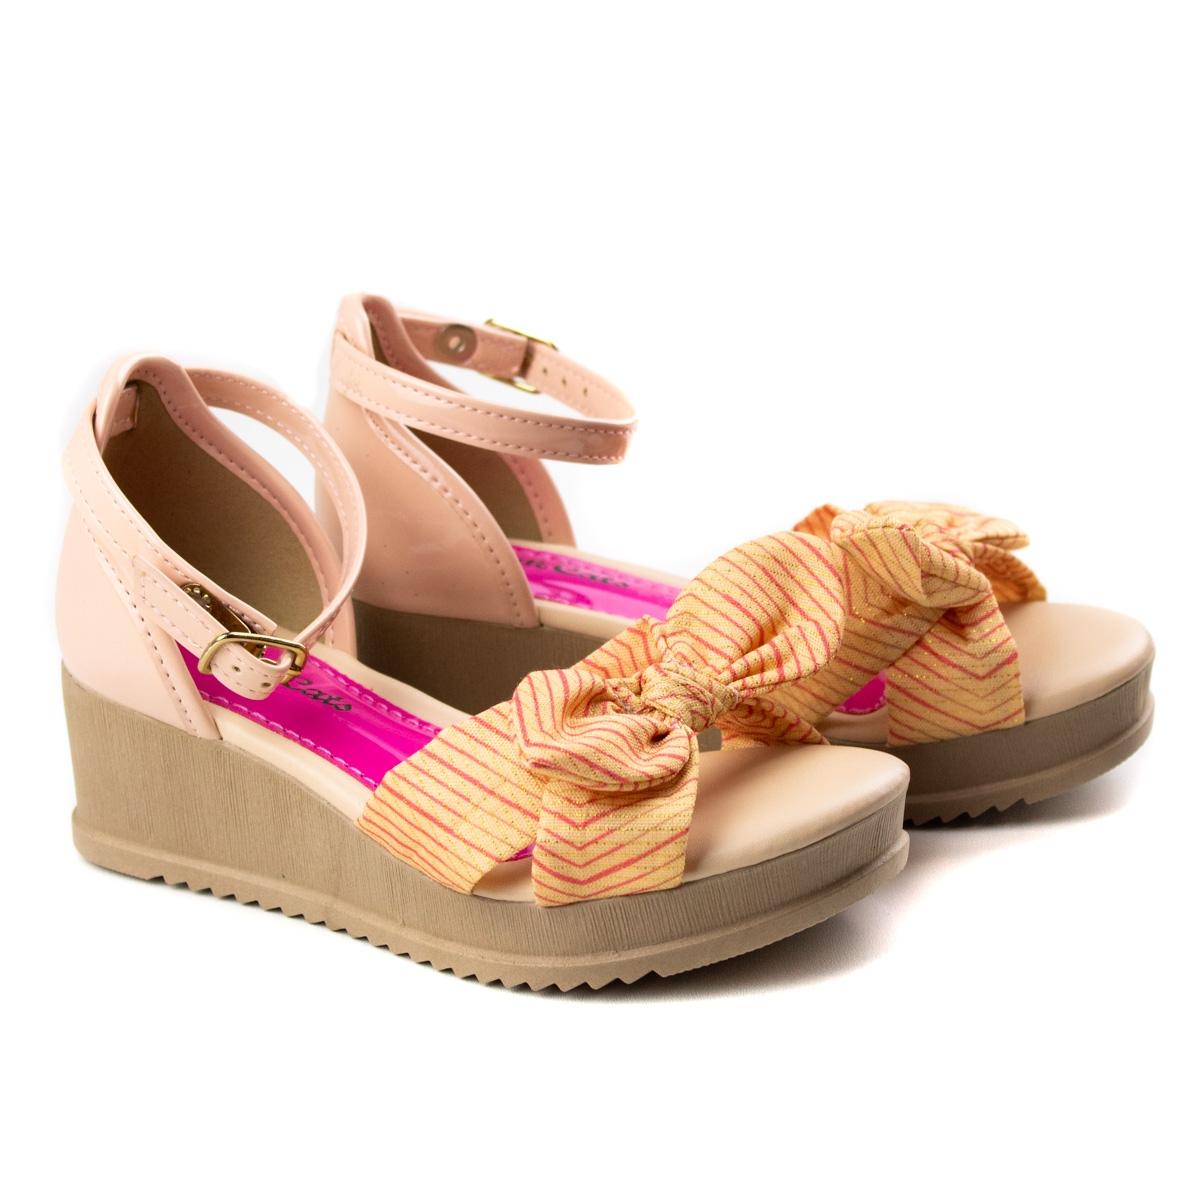 Sandália Anabela Infantil Pink Cats - Pink/vanilla